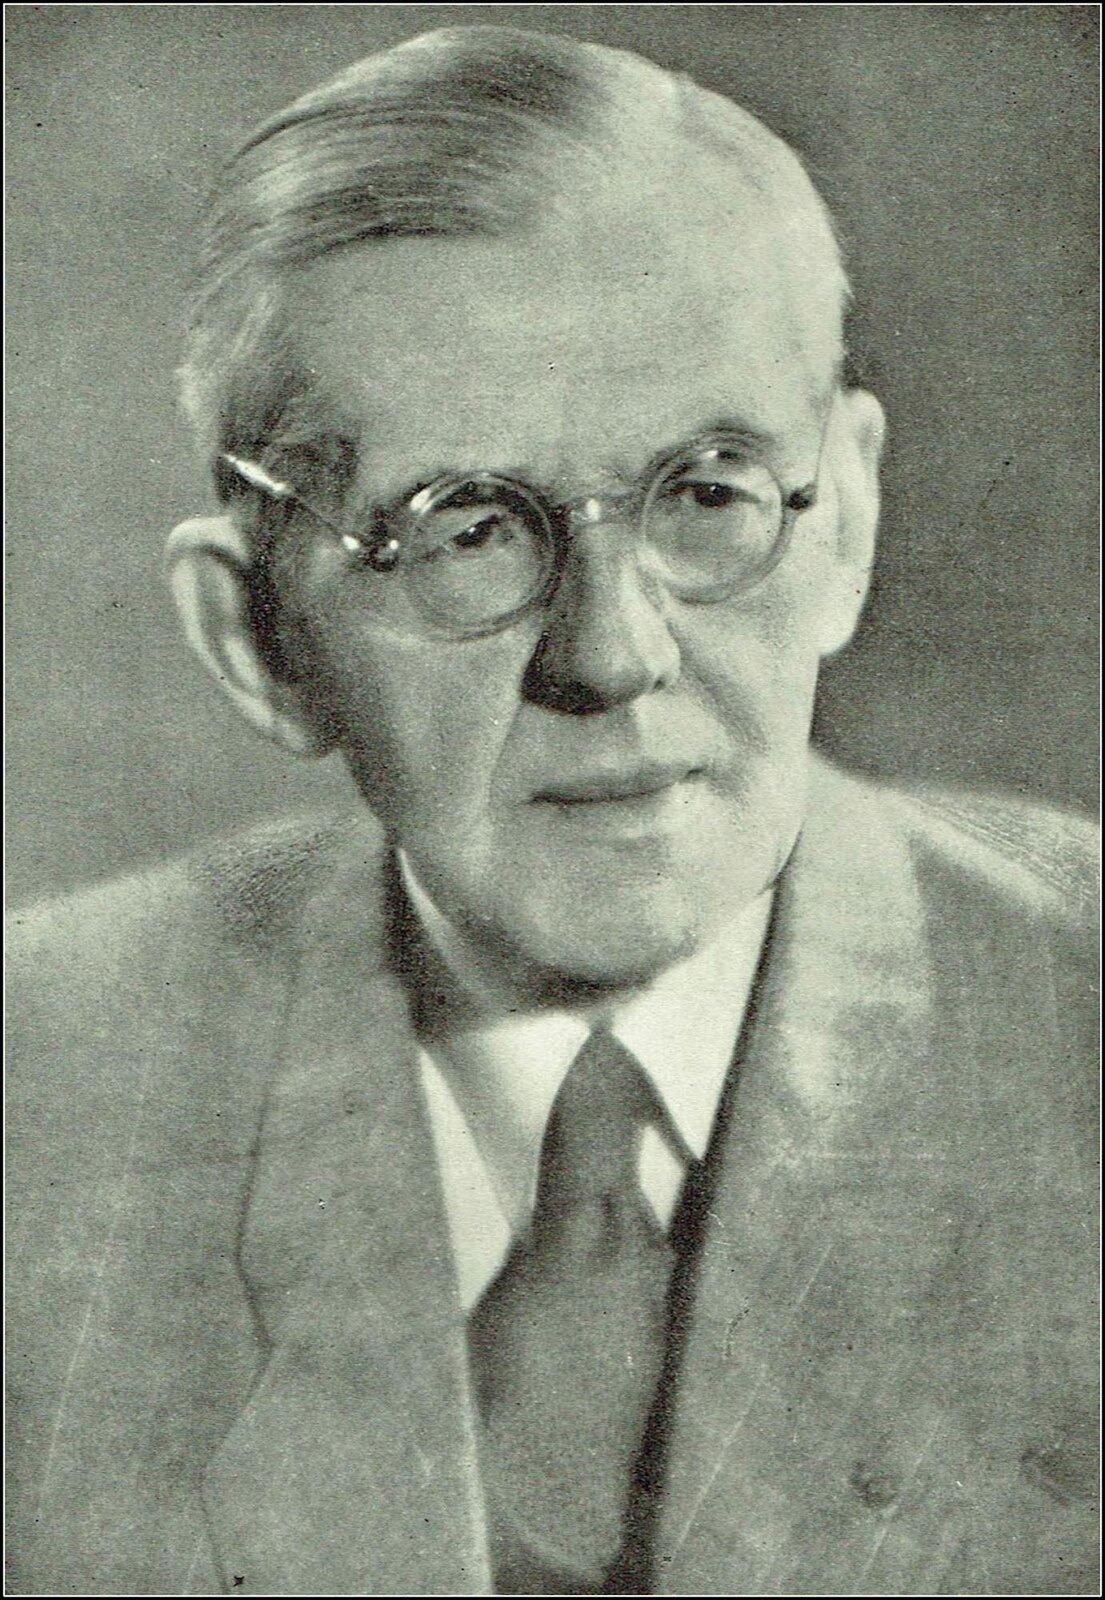 Fotografia przedstawia Adolfa Chybińskiego. Starszy mężczyzna wokularach, wkrótkich, siwych włosach. Spogląda przed siebie. Ubrany jest wbiałą koszulę ijasną marynarkę.